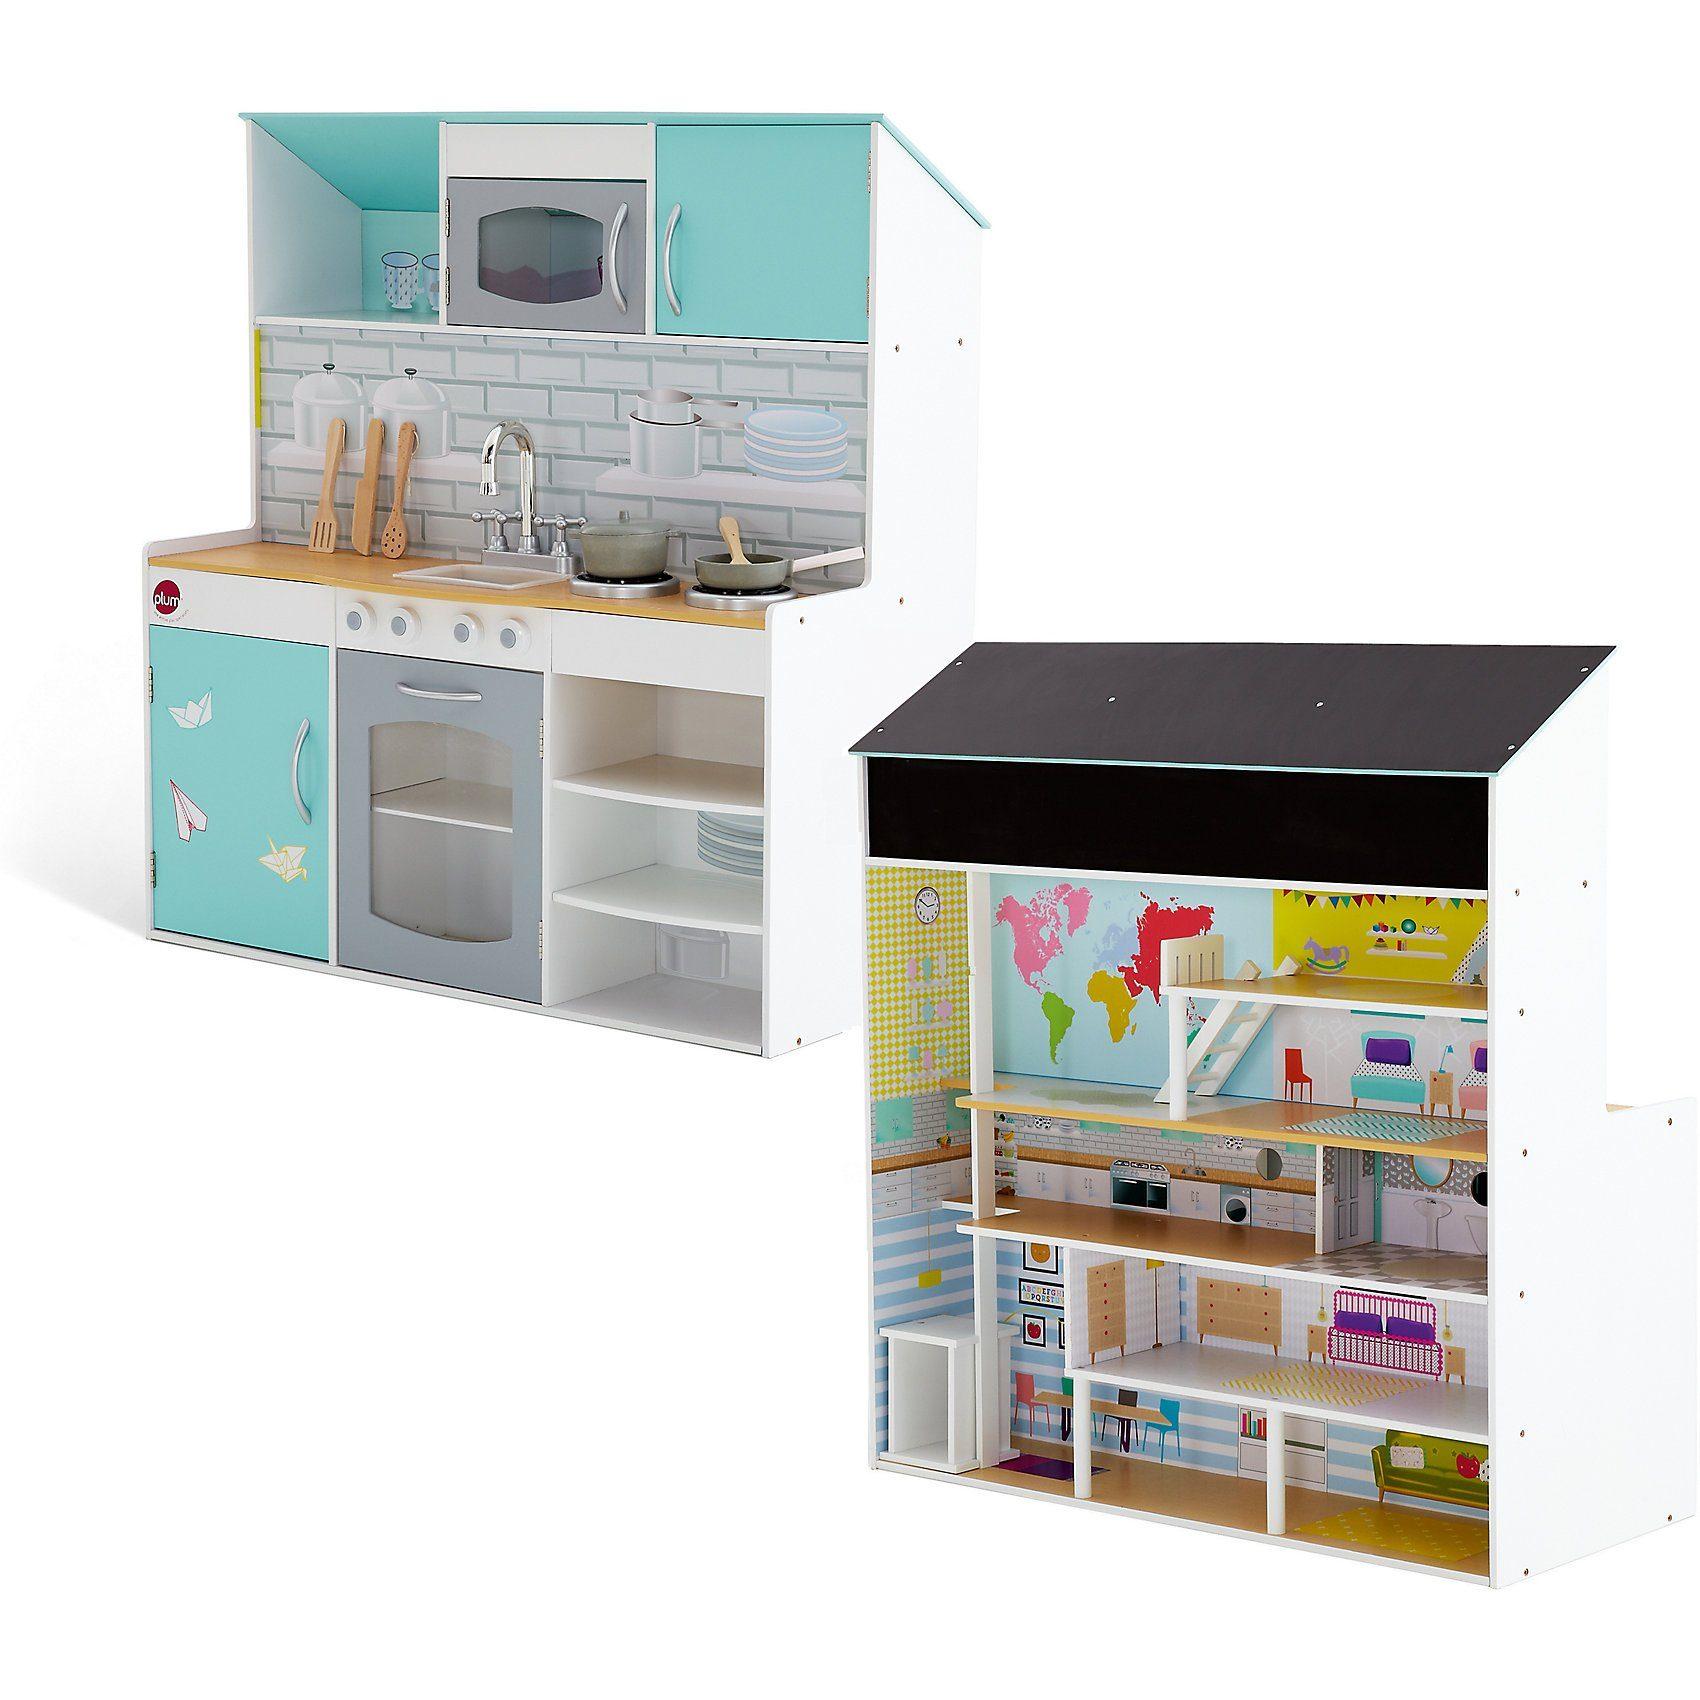 plum ® 2-in-1 Stadthaus - Spielküche und Puppenhaus aus Holz